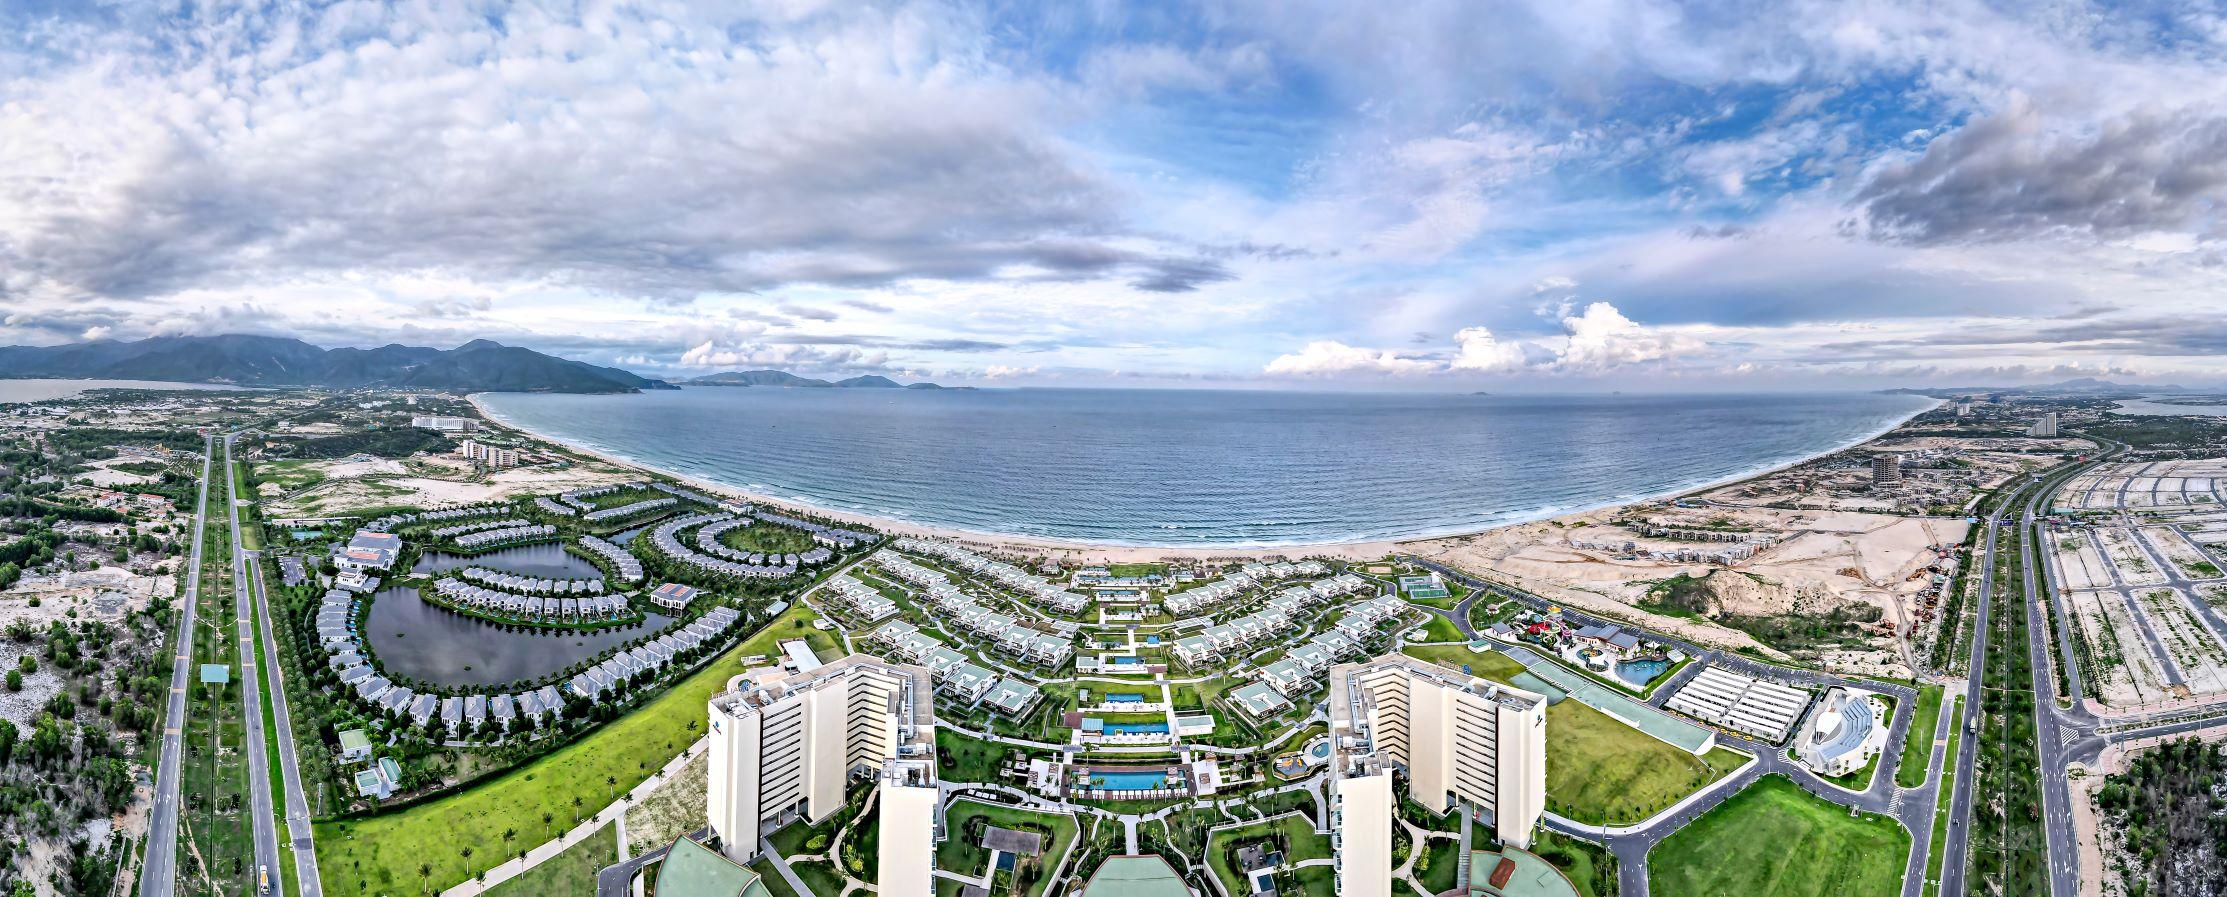 Cam Ranh đang là bán đảo nghỉ dưỡng tầm cỡ được du khách quốc tế chú ý. Nguồn: Shutterstock.